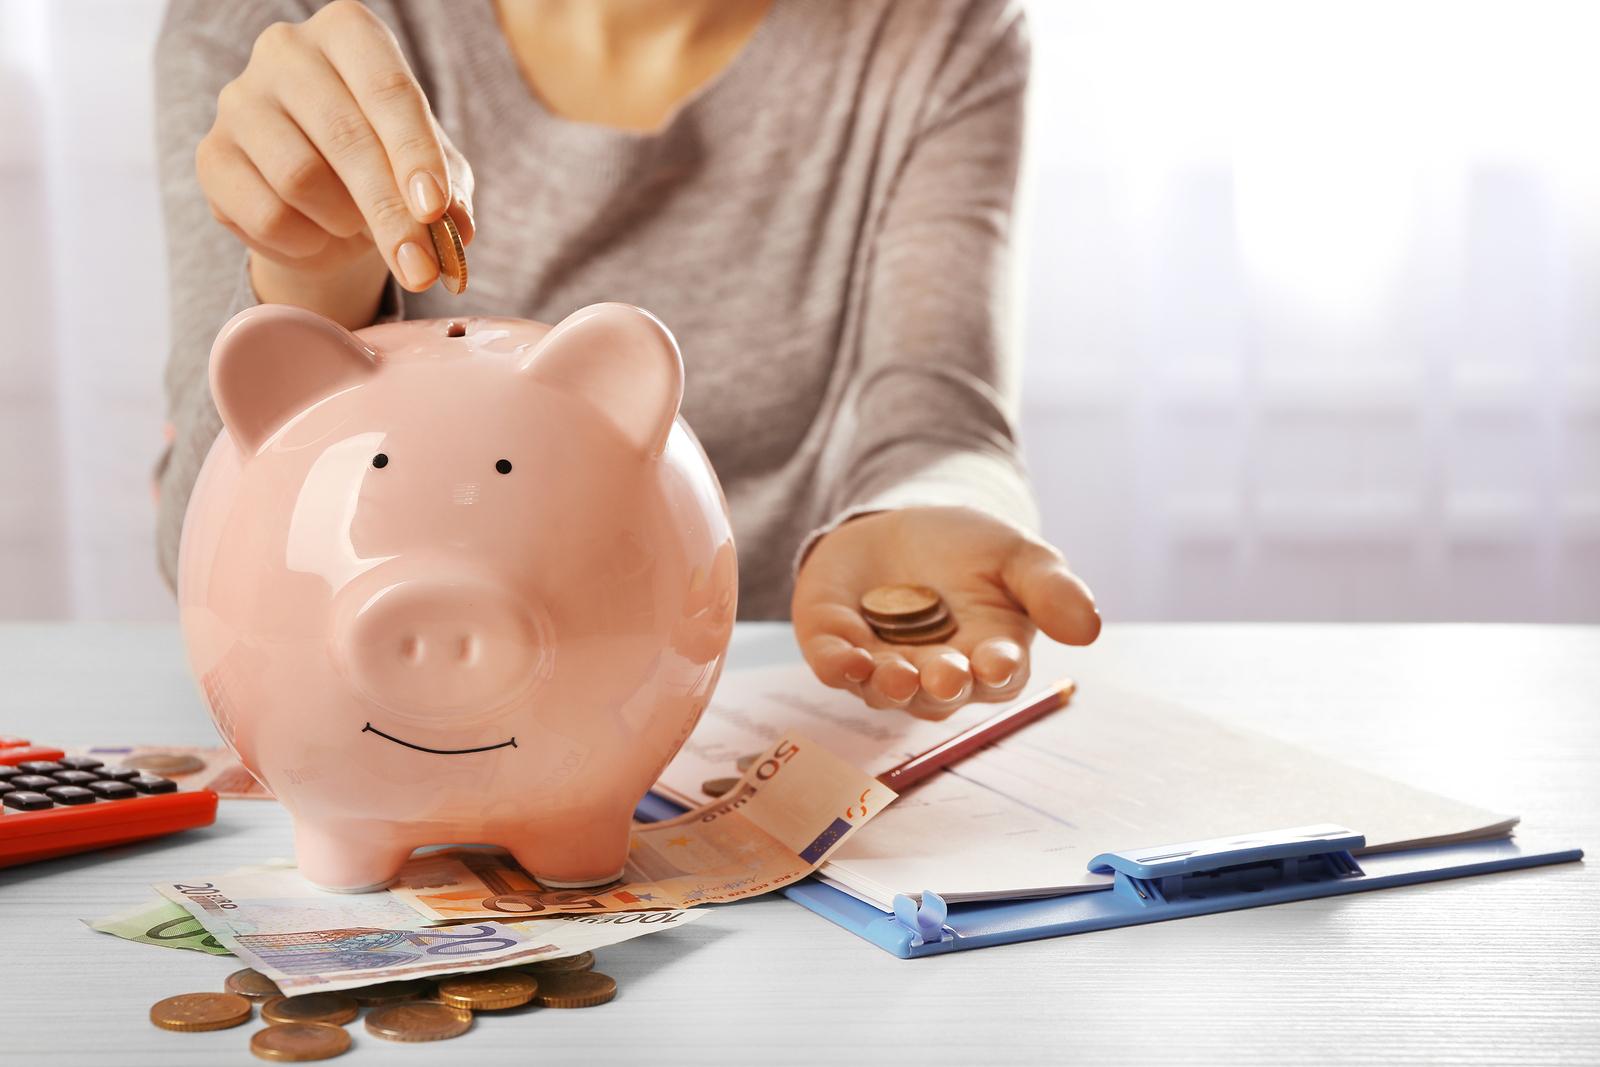 Что такое финансовая грамотность и почему нам нужно быть финансово грамотными?